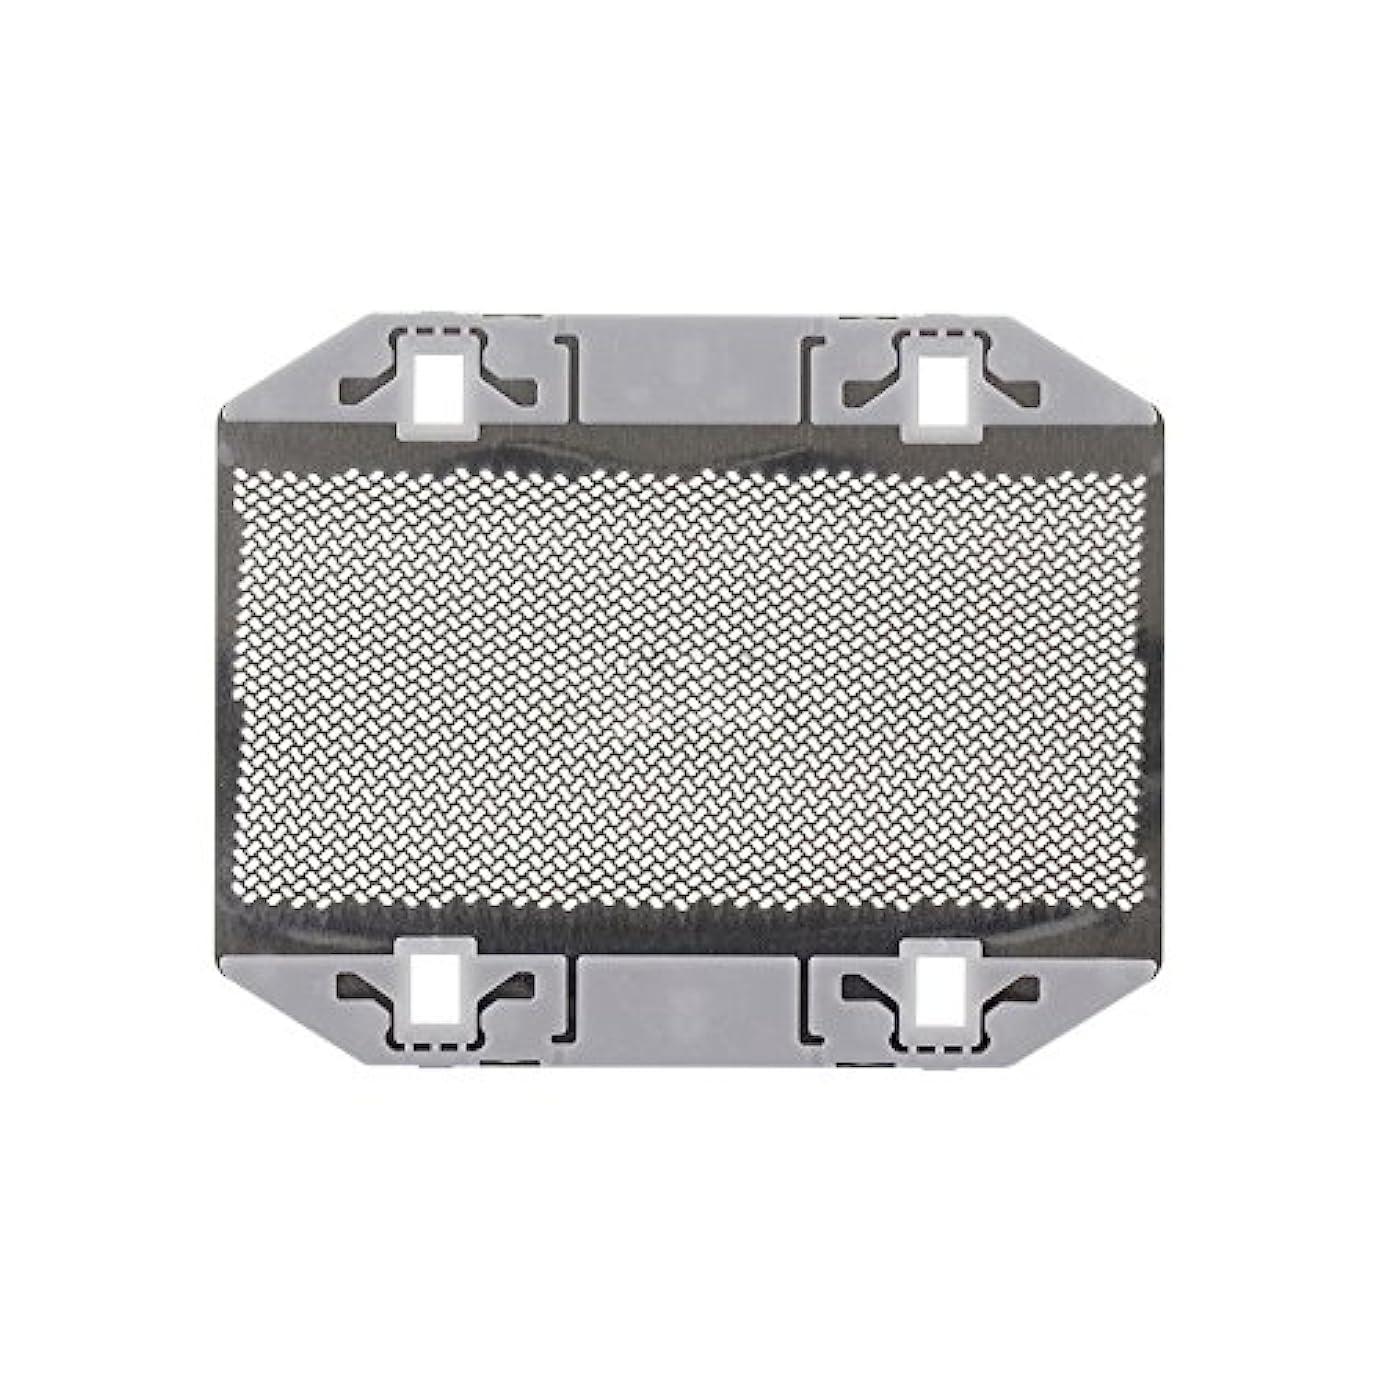 不注意区謝罪するJuleyaing シェーバー用品 回転式シェーバー 部品 外刃 替刃 交代品 for Panasonic ES9943 ES3042 ES3801 ES3750 ES365 ES366